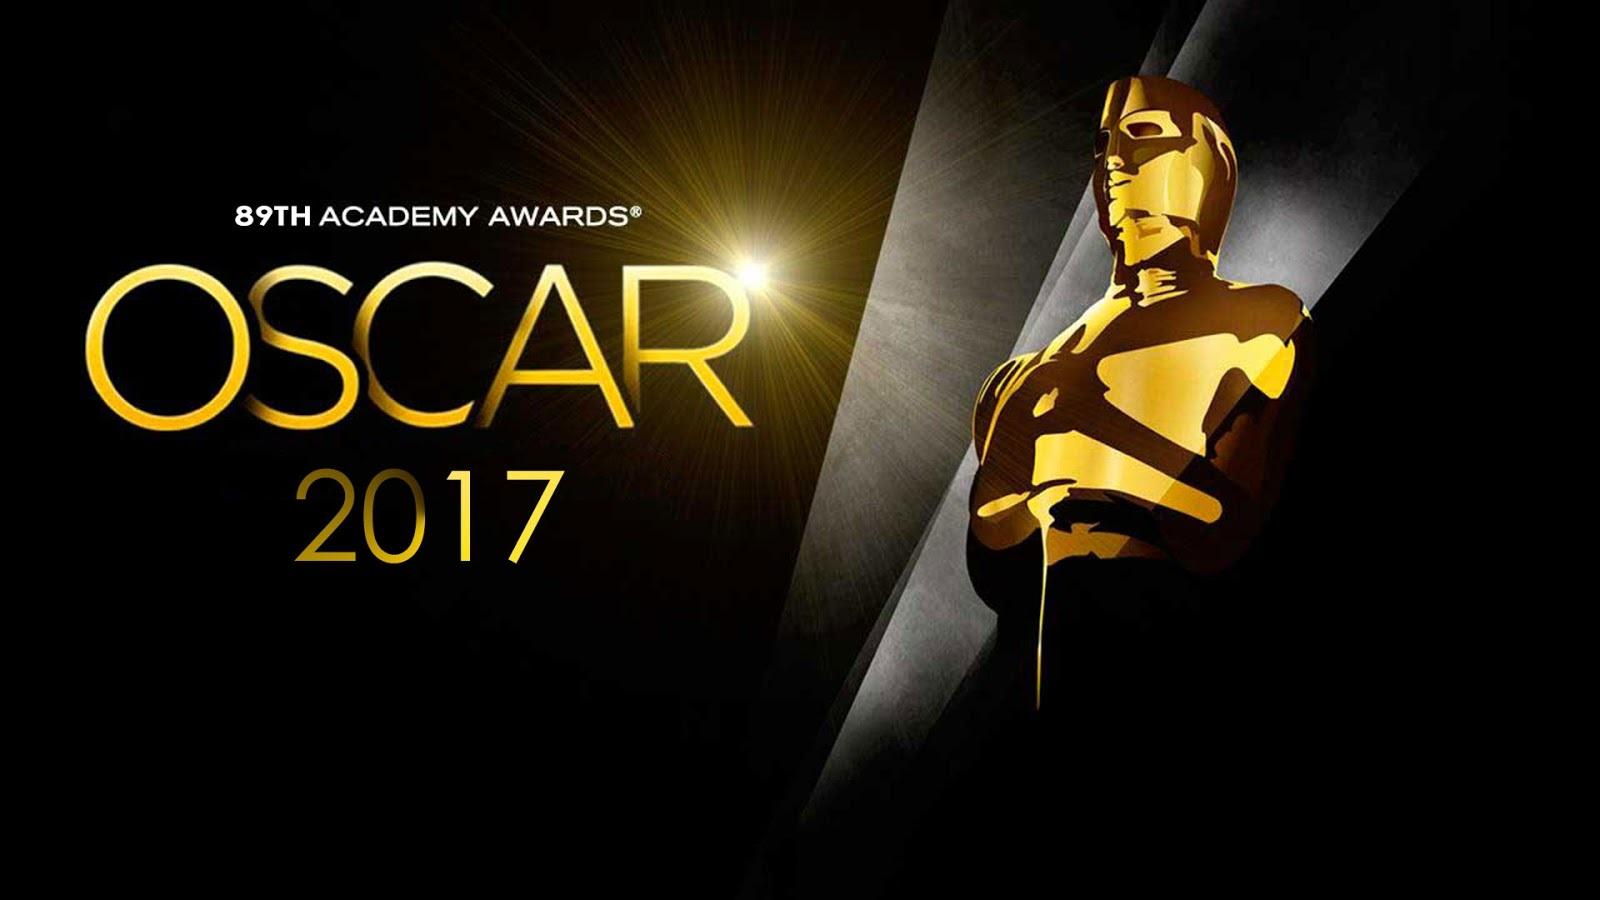 Oscars 2017 : notre bilan des films récompensés